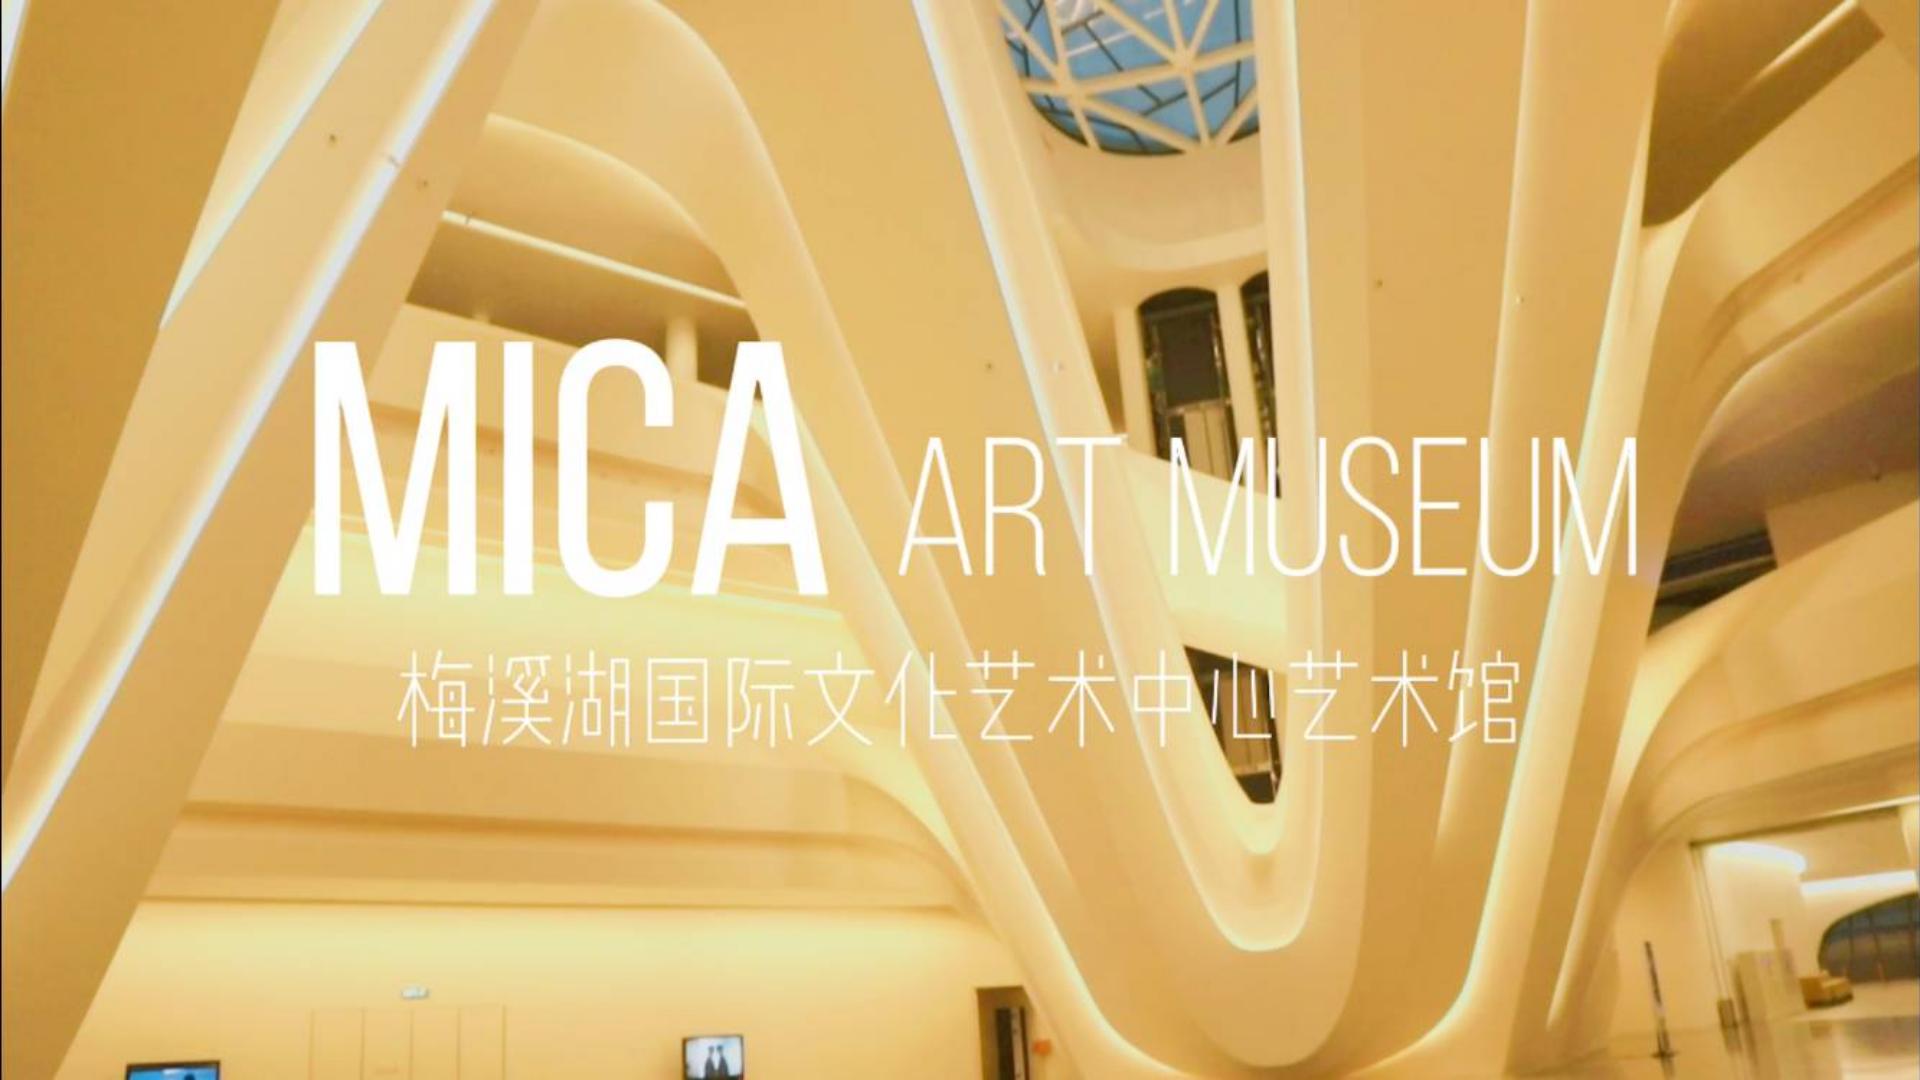 【非官方】梅溪湖国际文化艺术中心